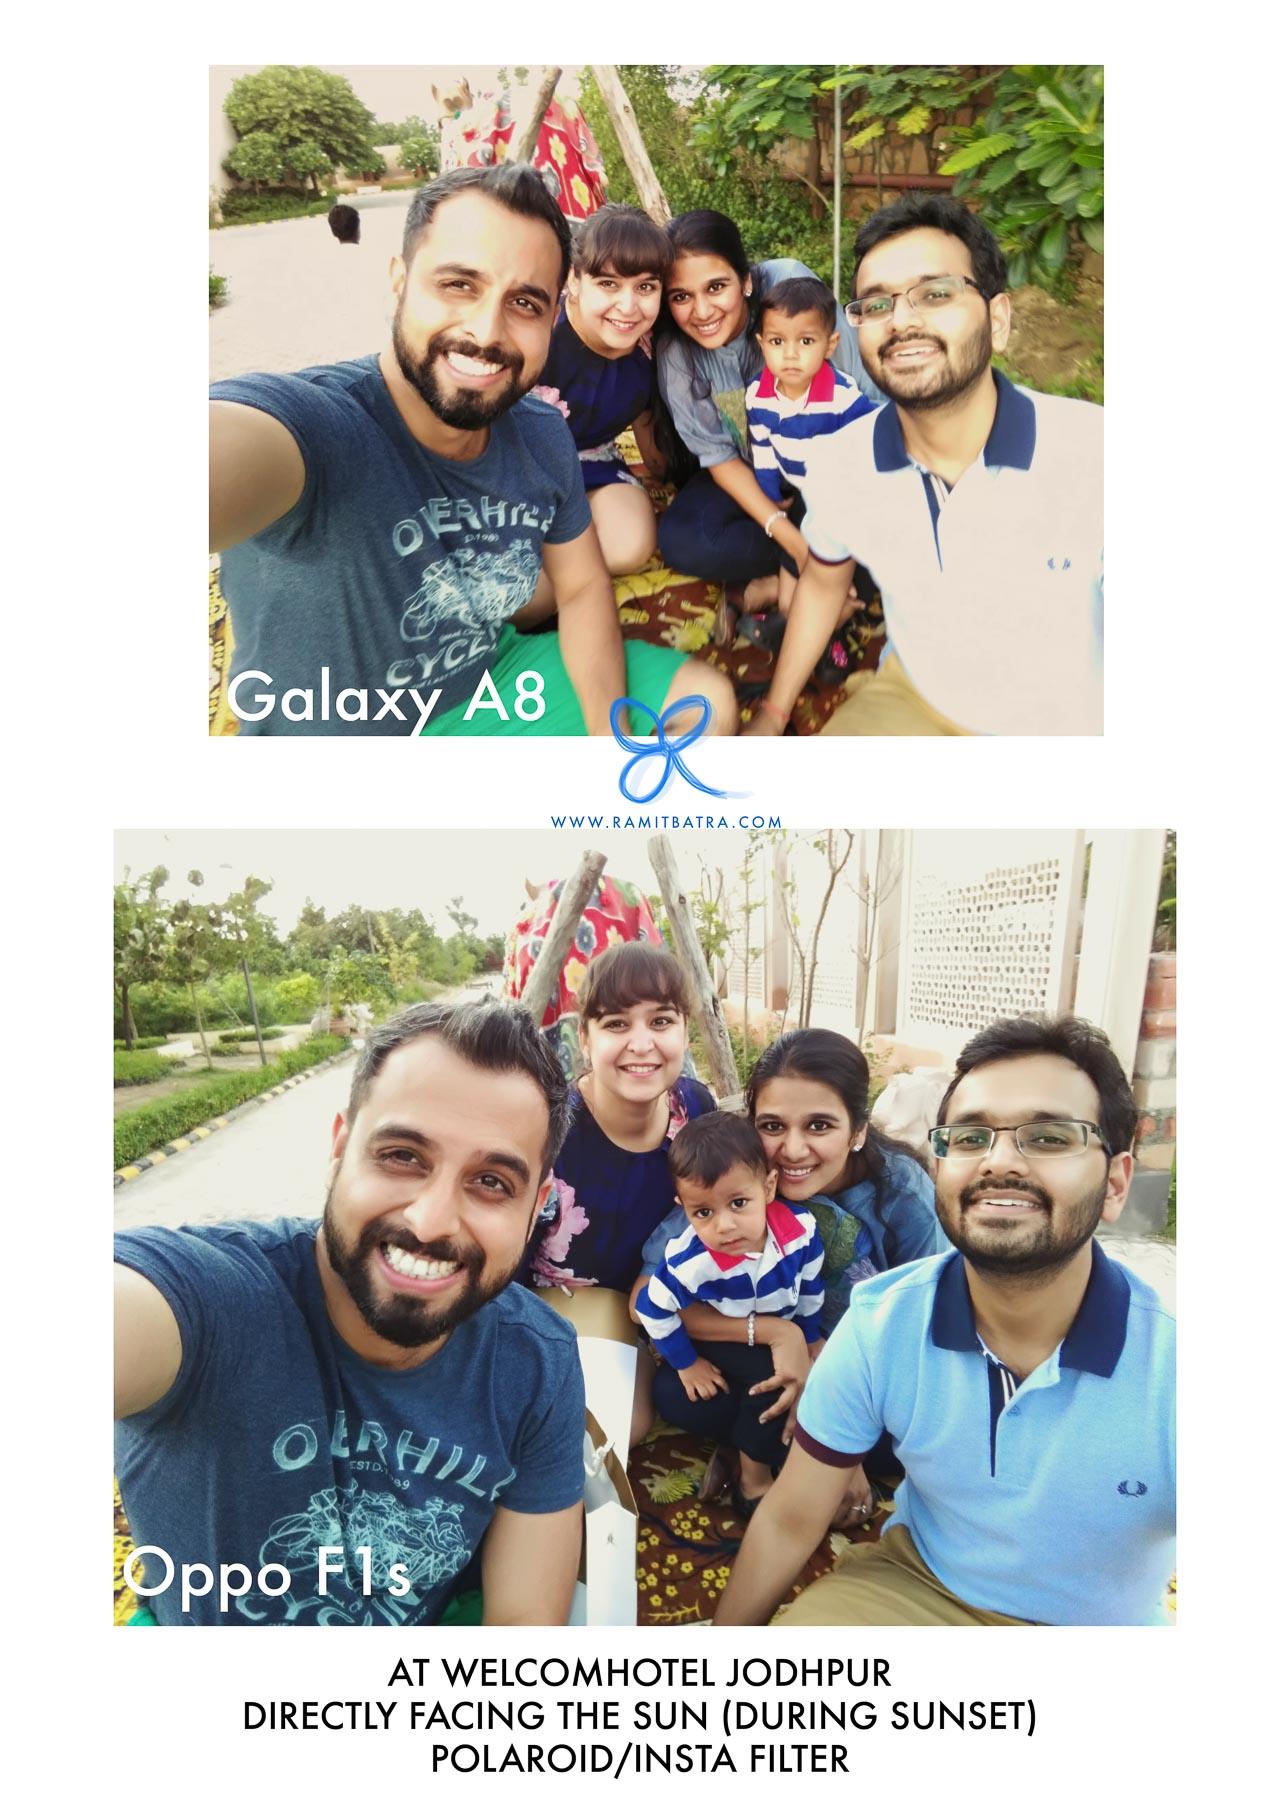 Oppo-F1s-SelfieExpert-RamitBatra-C03